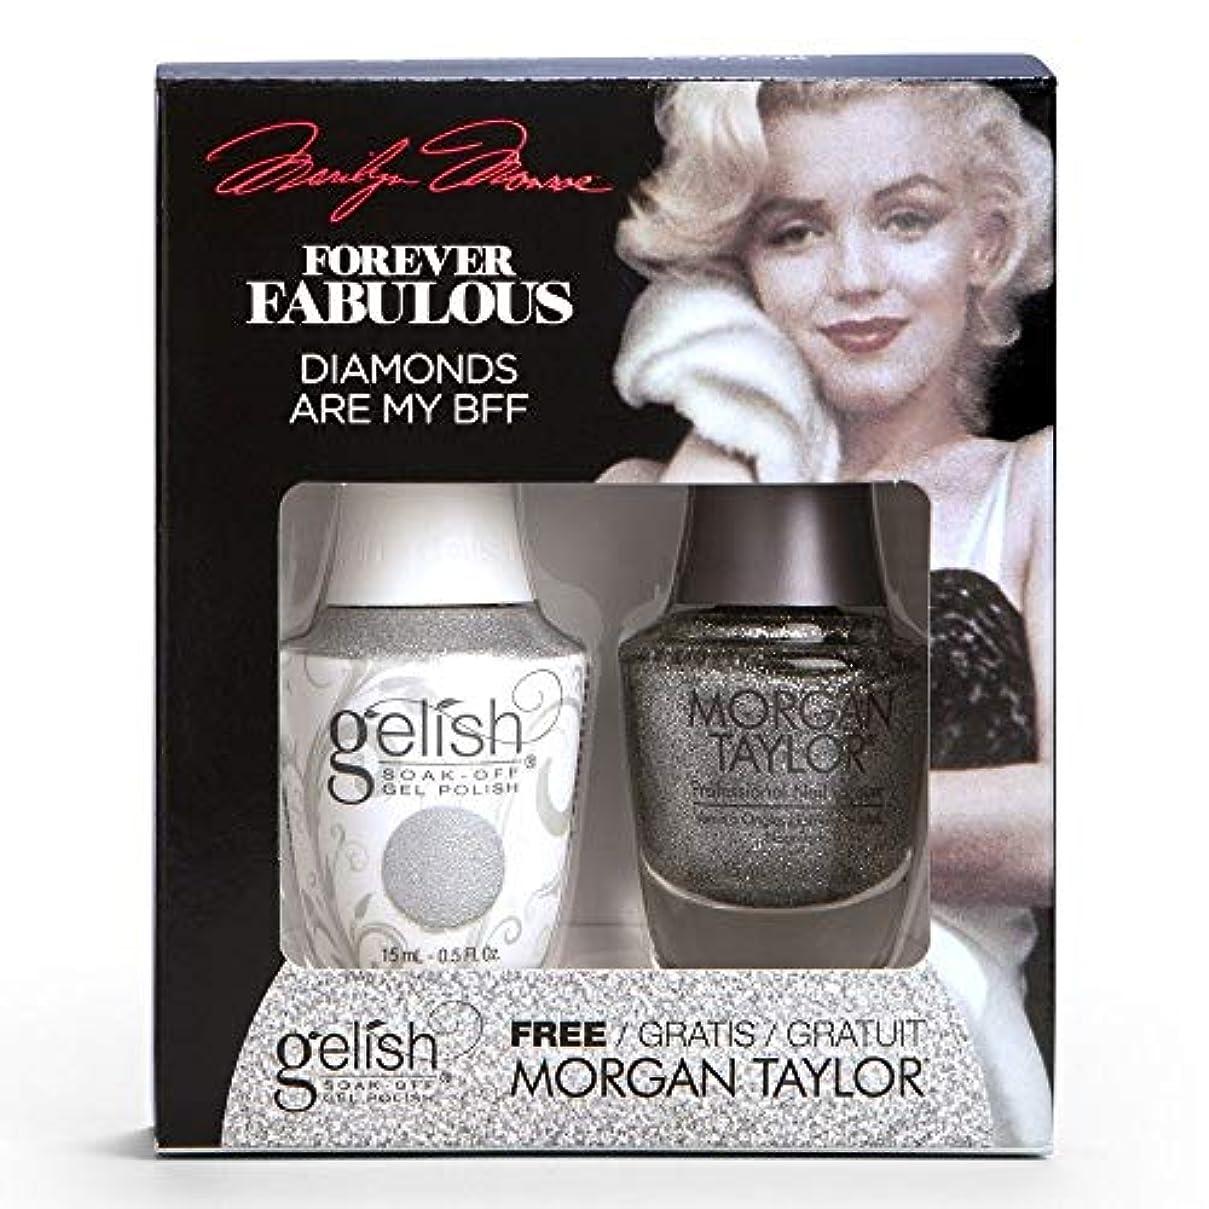 レベル送るスリップHarmony Gelish & Morgan Taylor - Two Of A Kind - Forever Fabulous Marilyn Monroe - Diamonds Are My BFF - 15 mL...